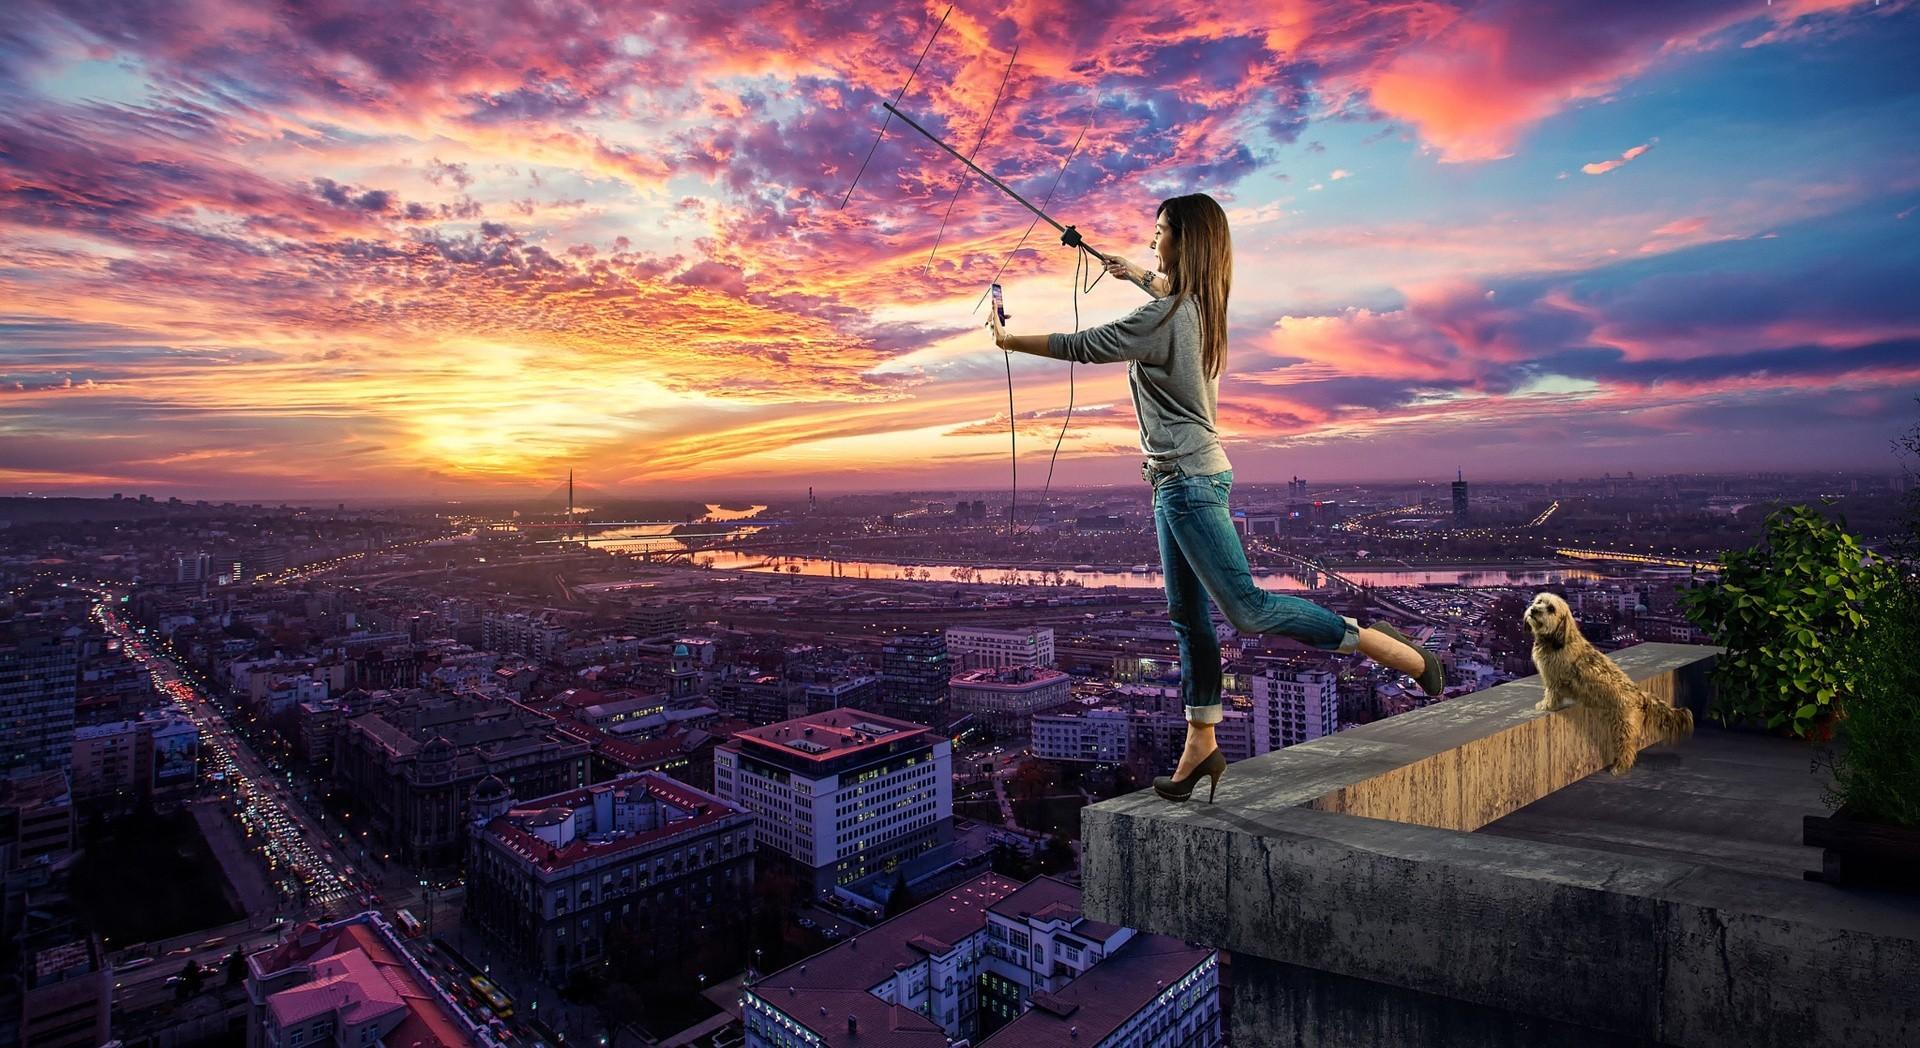 dziewczyna_dach_antena_zachod_slonca_miasto